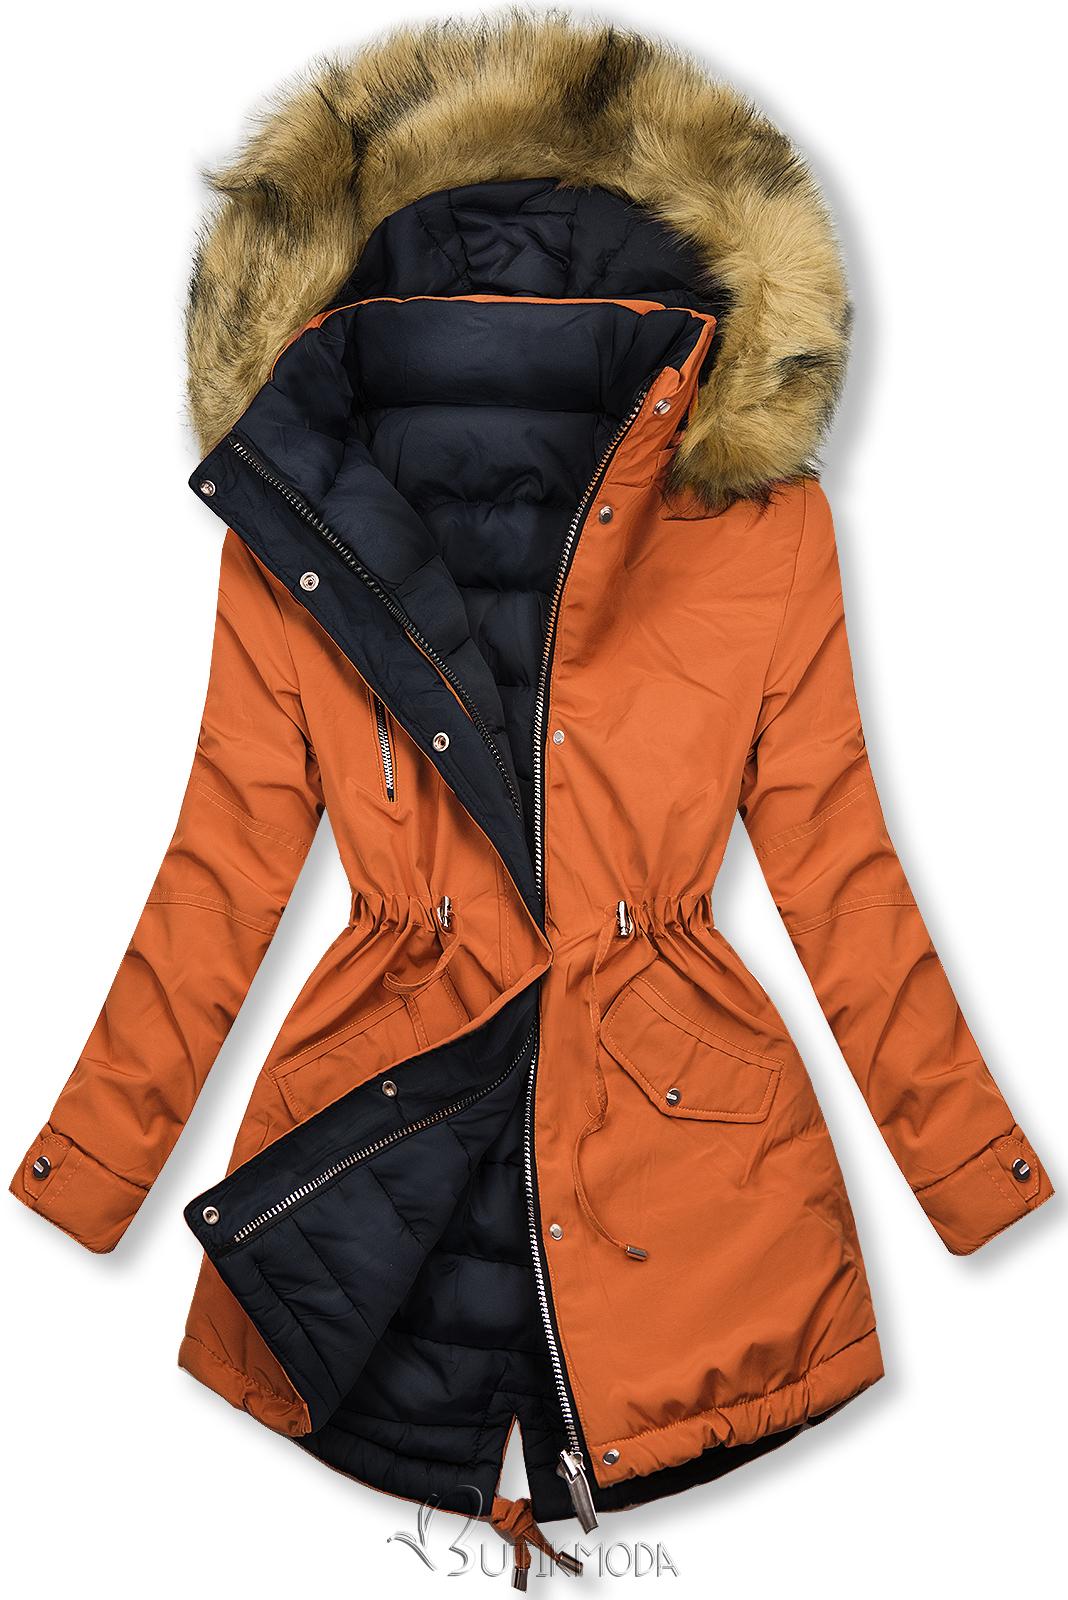 Winter Parkajacke mit Wendemöglichkeit orange/dunkelblau